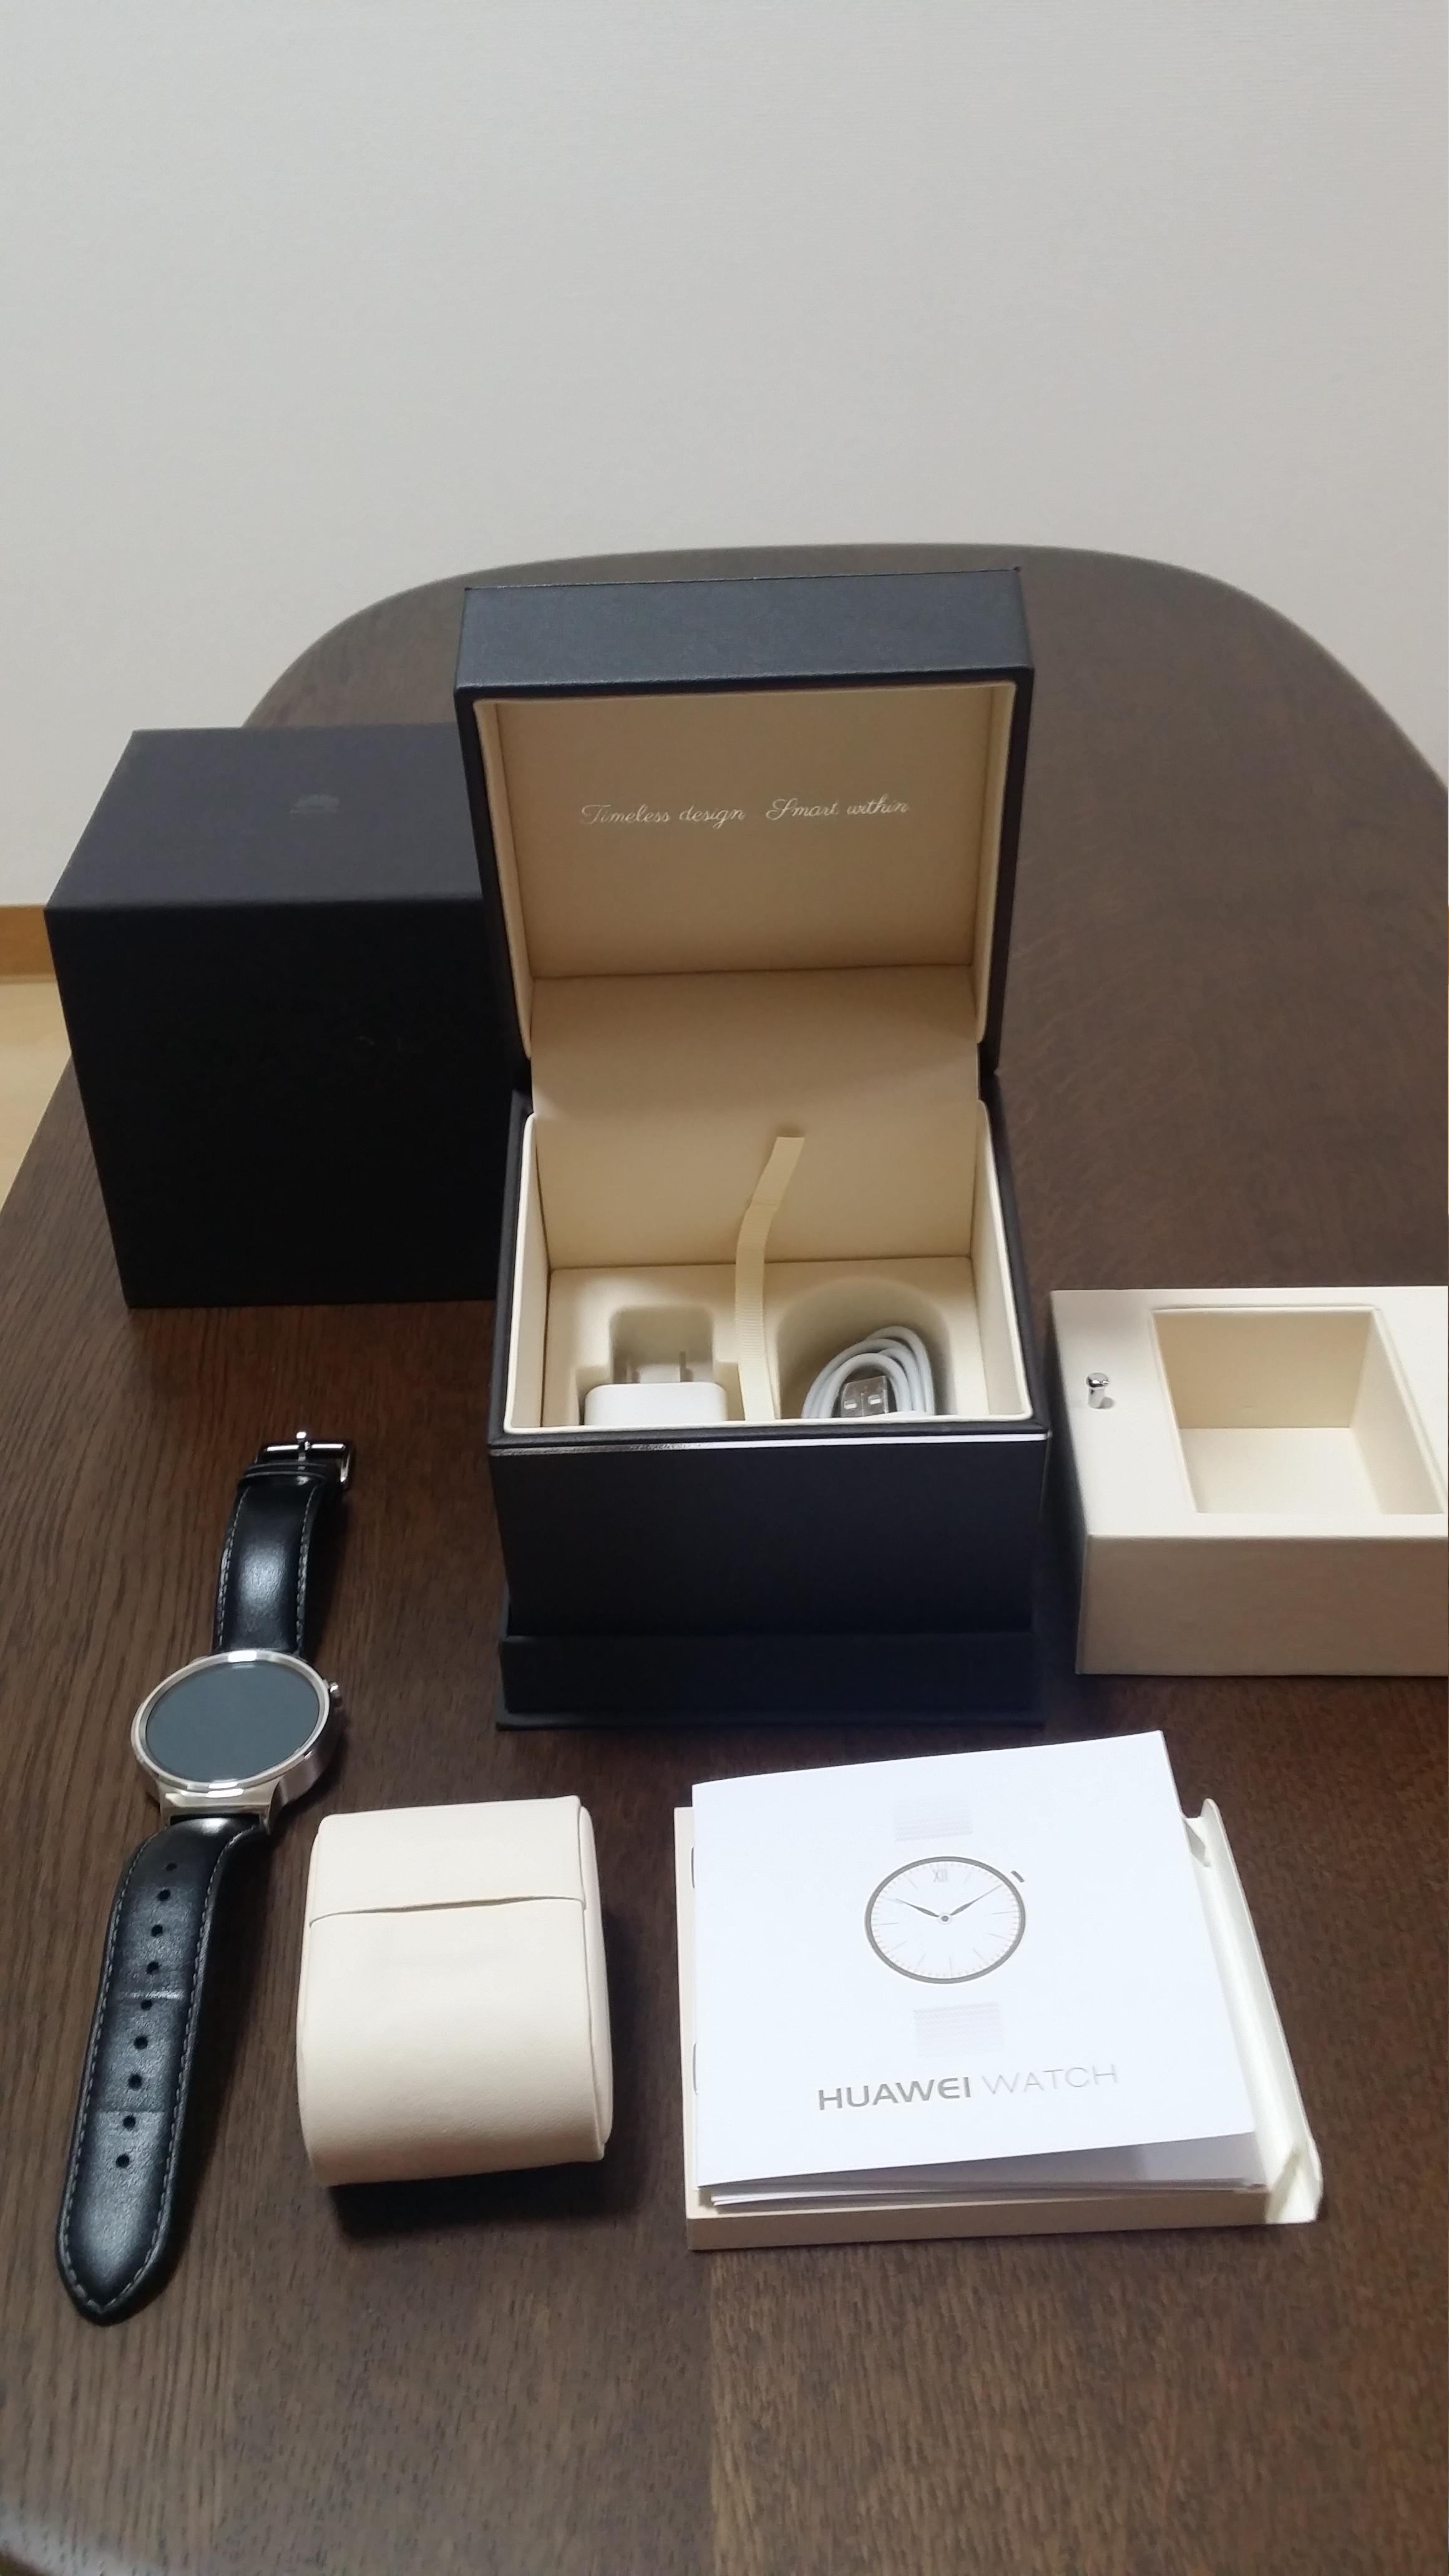 Huawei Watch(ファーウェイ ウォッチ) を買ってみた。